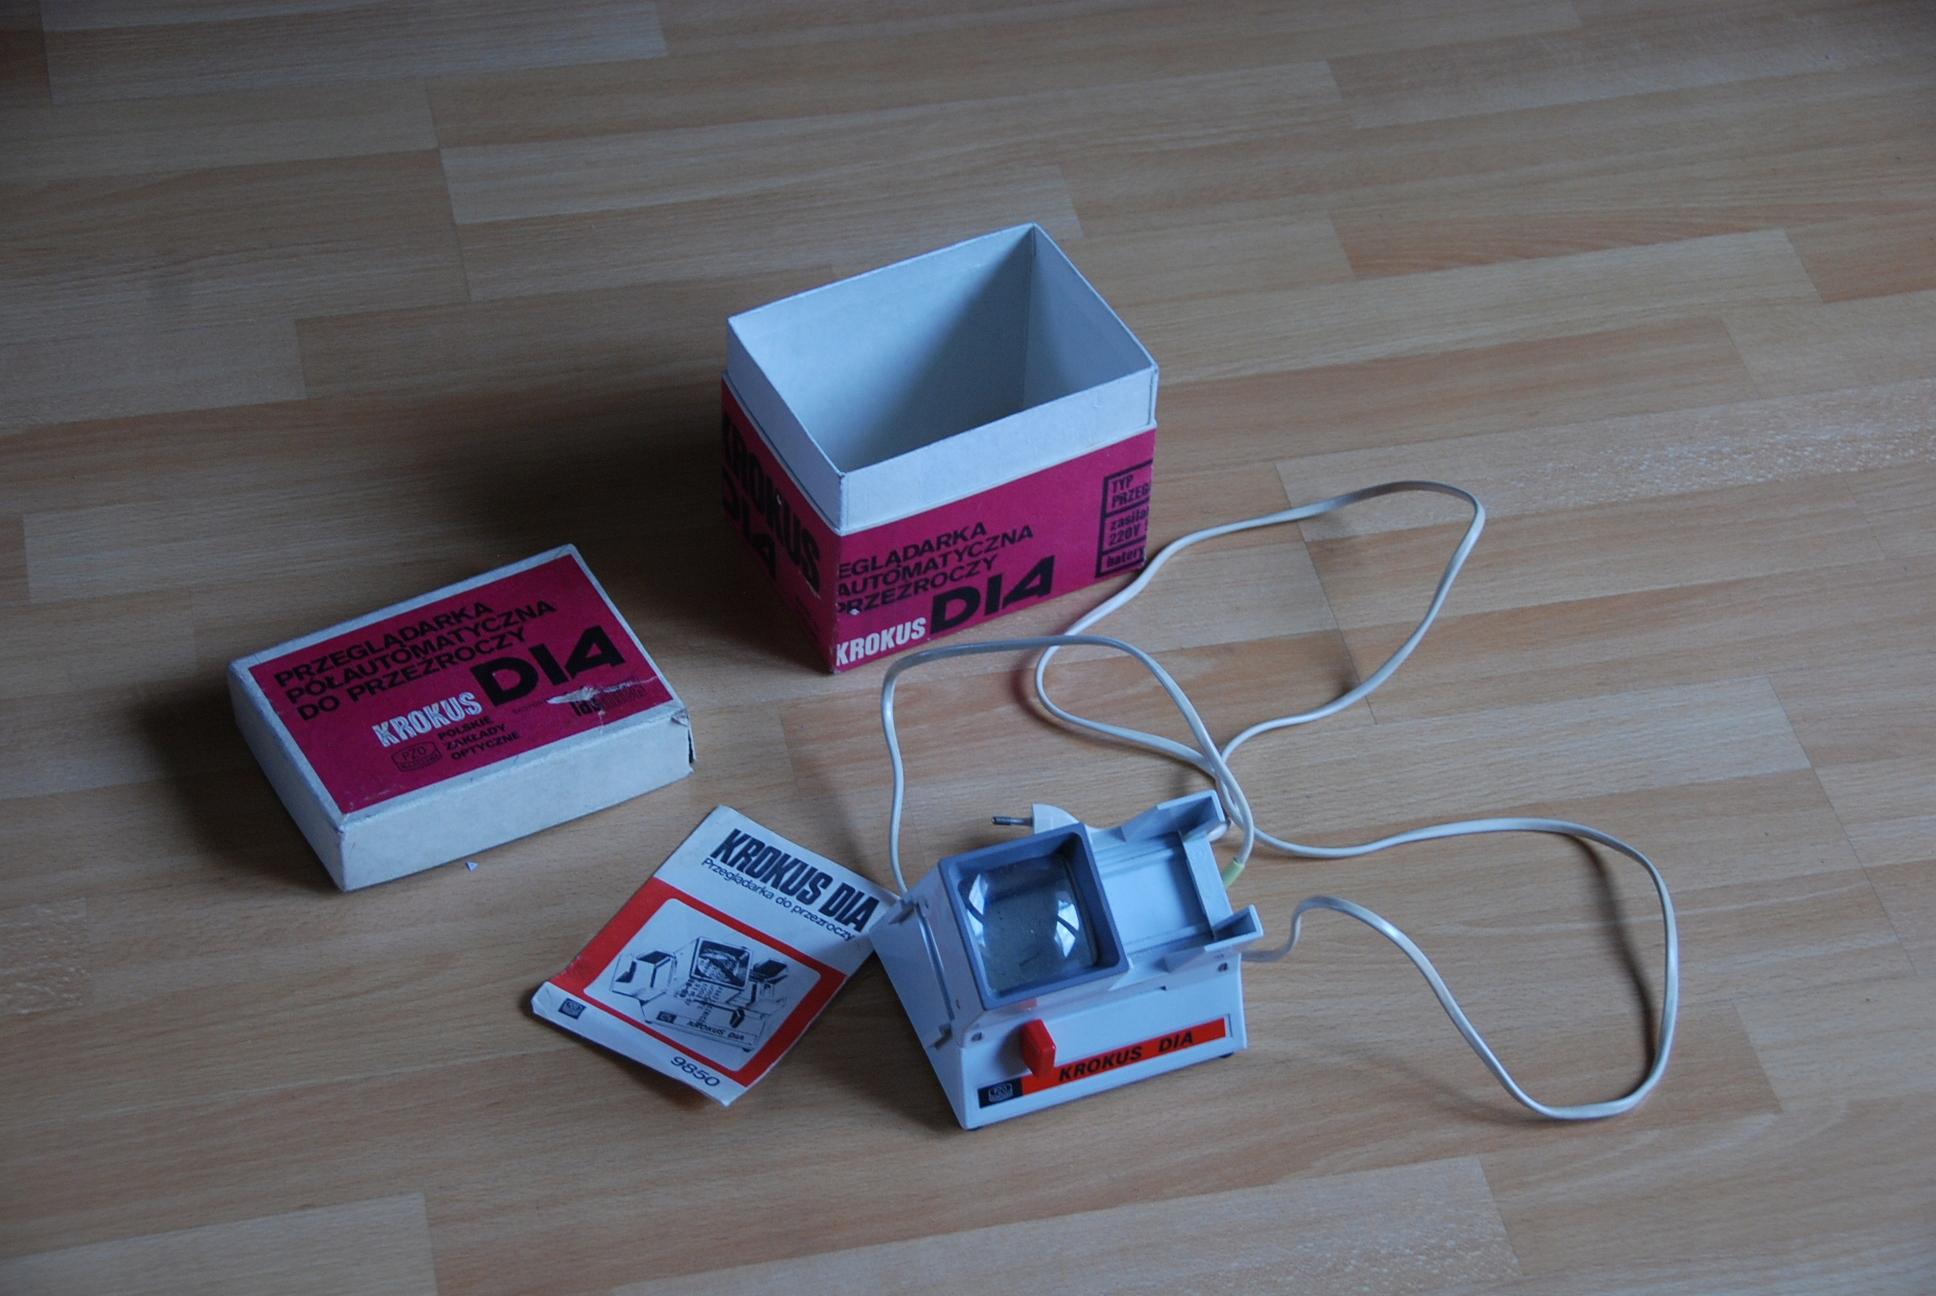 Przeglądarka półautomatyczna do przeźroczy KROKUS